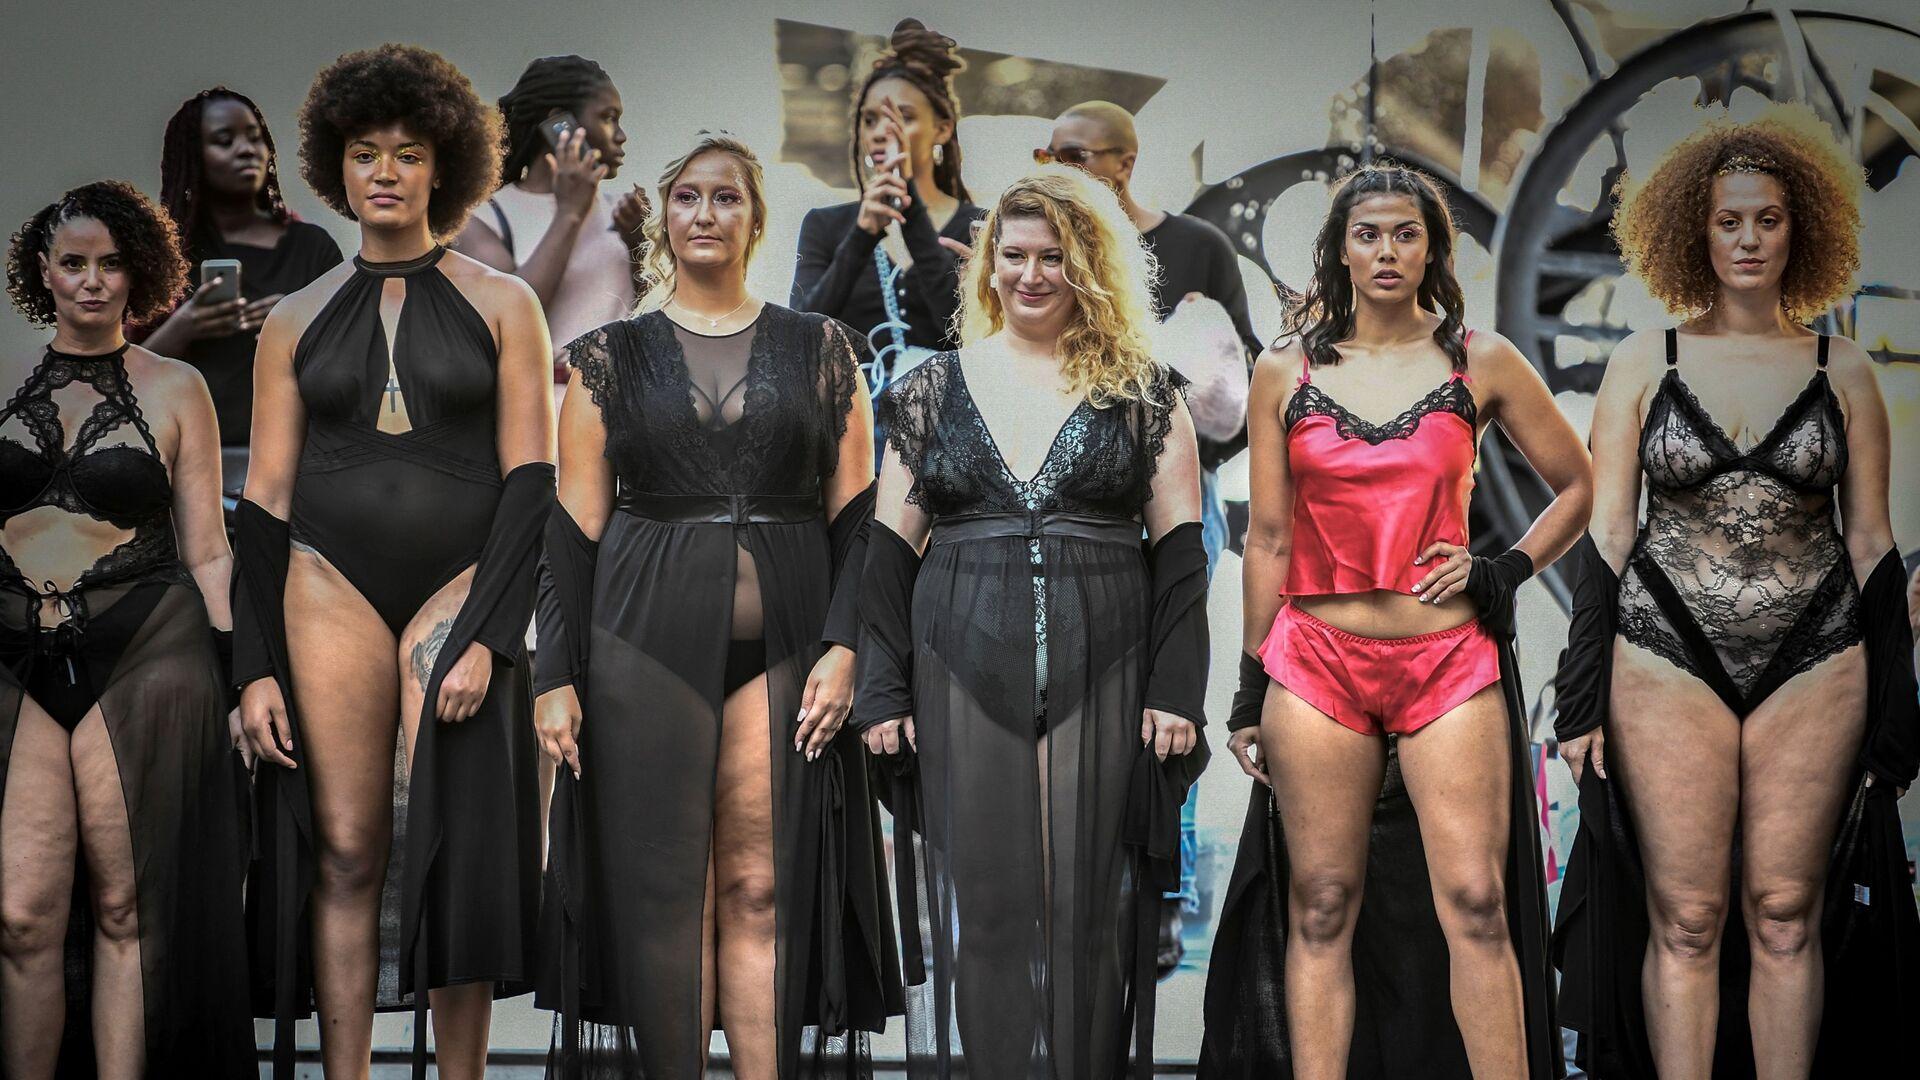 Những người mẫu tại buổi trình diễn The All Sizes Catwalk ở Paris - Sputnik Việt Nam, 1920, 12.10.2021